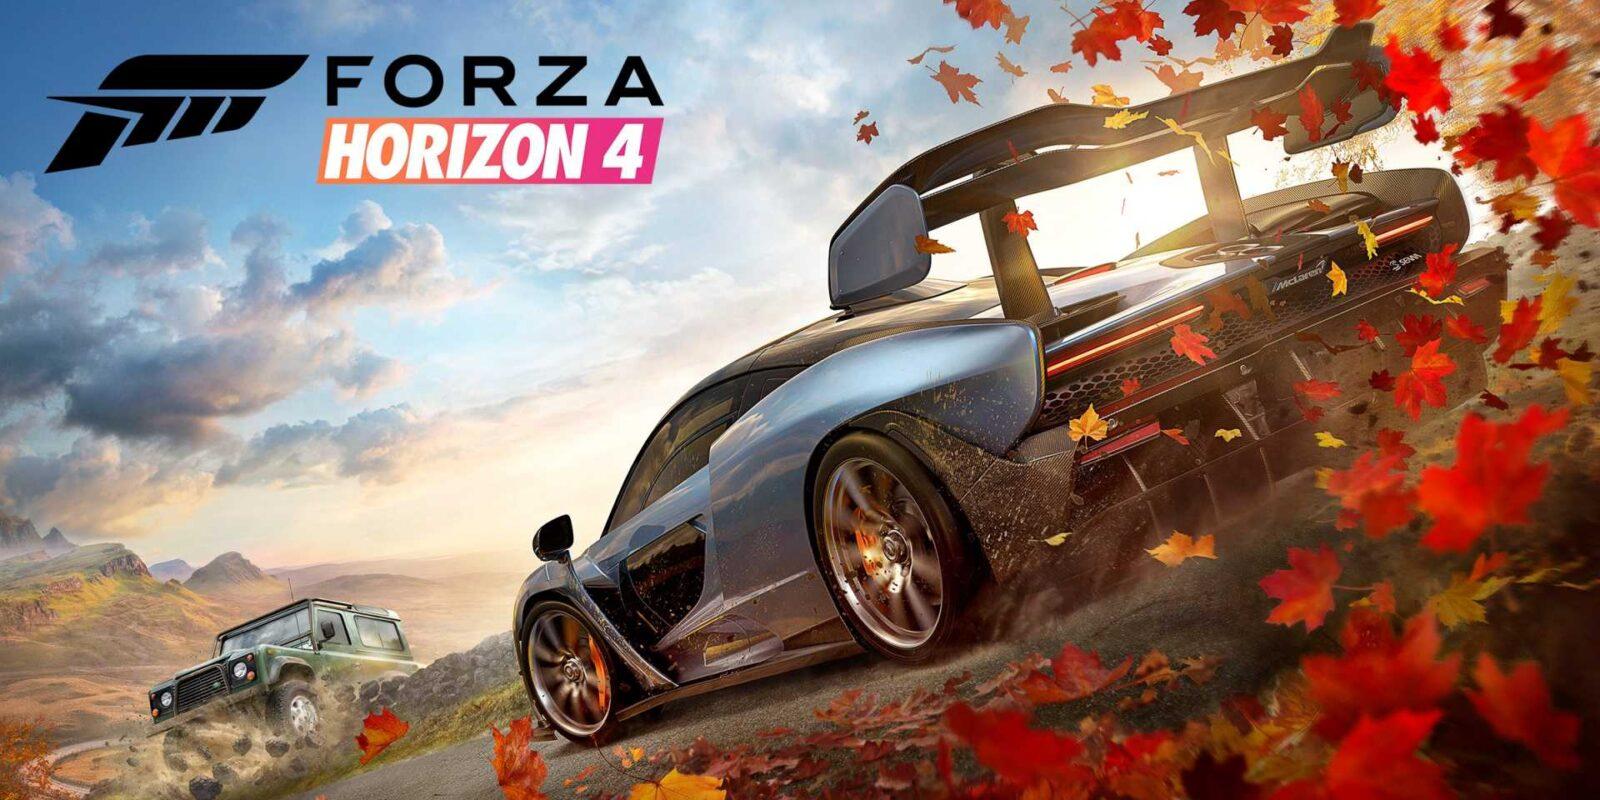 En iyi grafikli oyunlar Forza Horizon 4